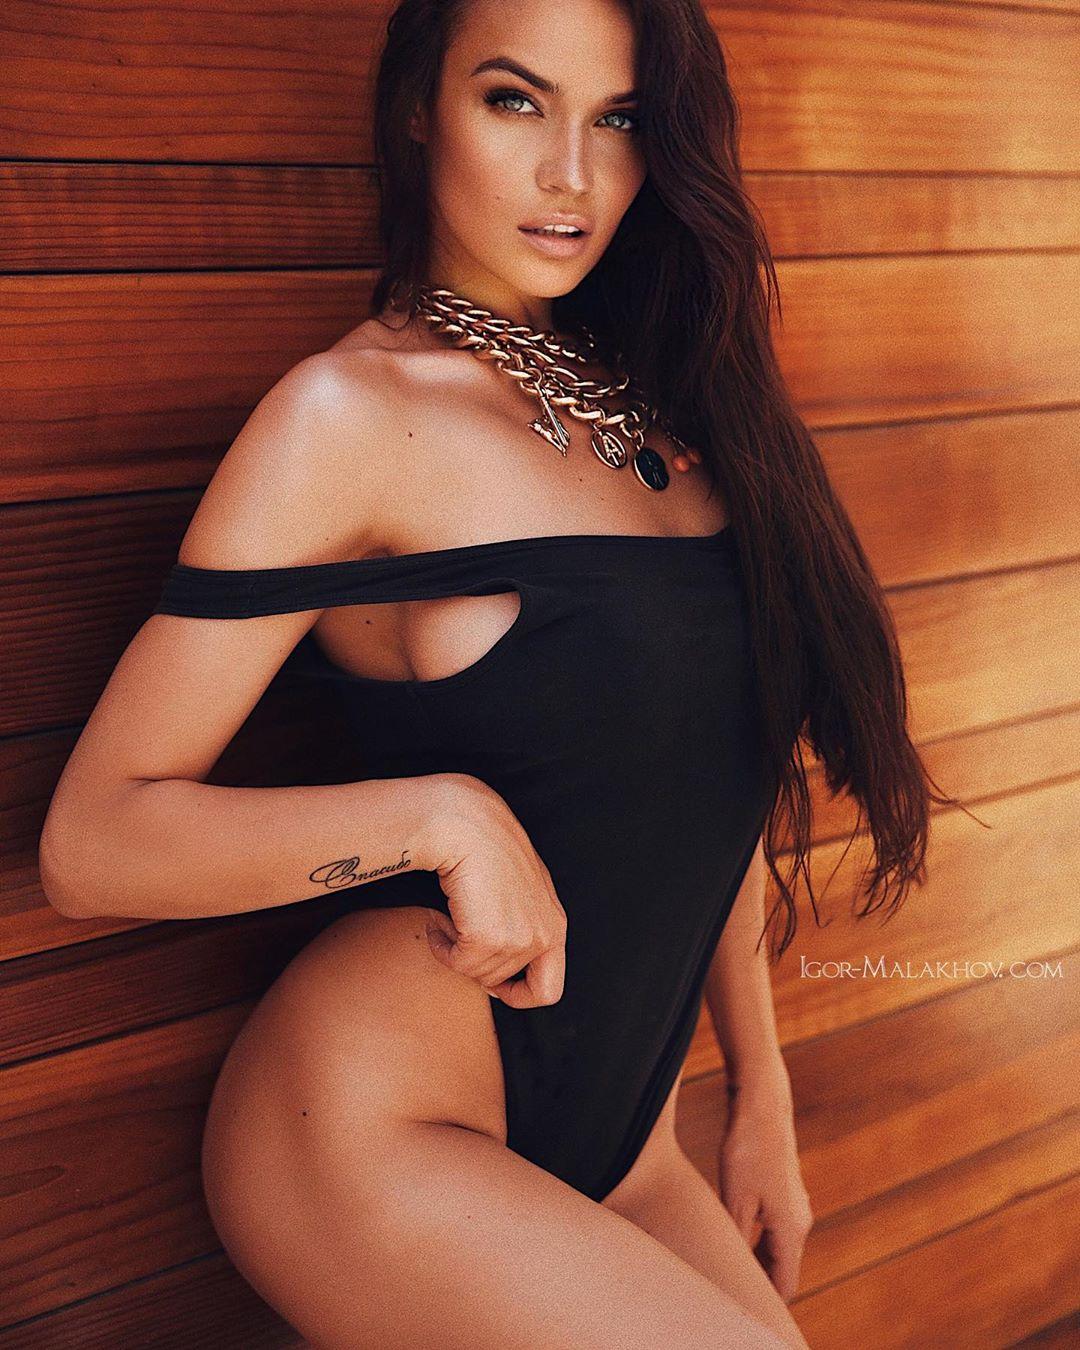 Алёна Водонаева показала третью ногу и шокировала сеть, фото, и это не прикол